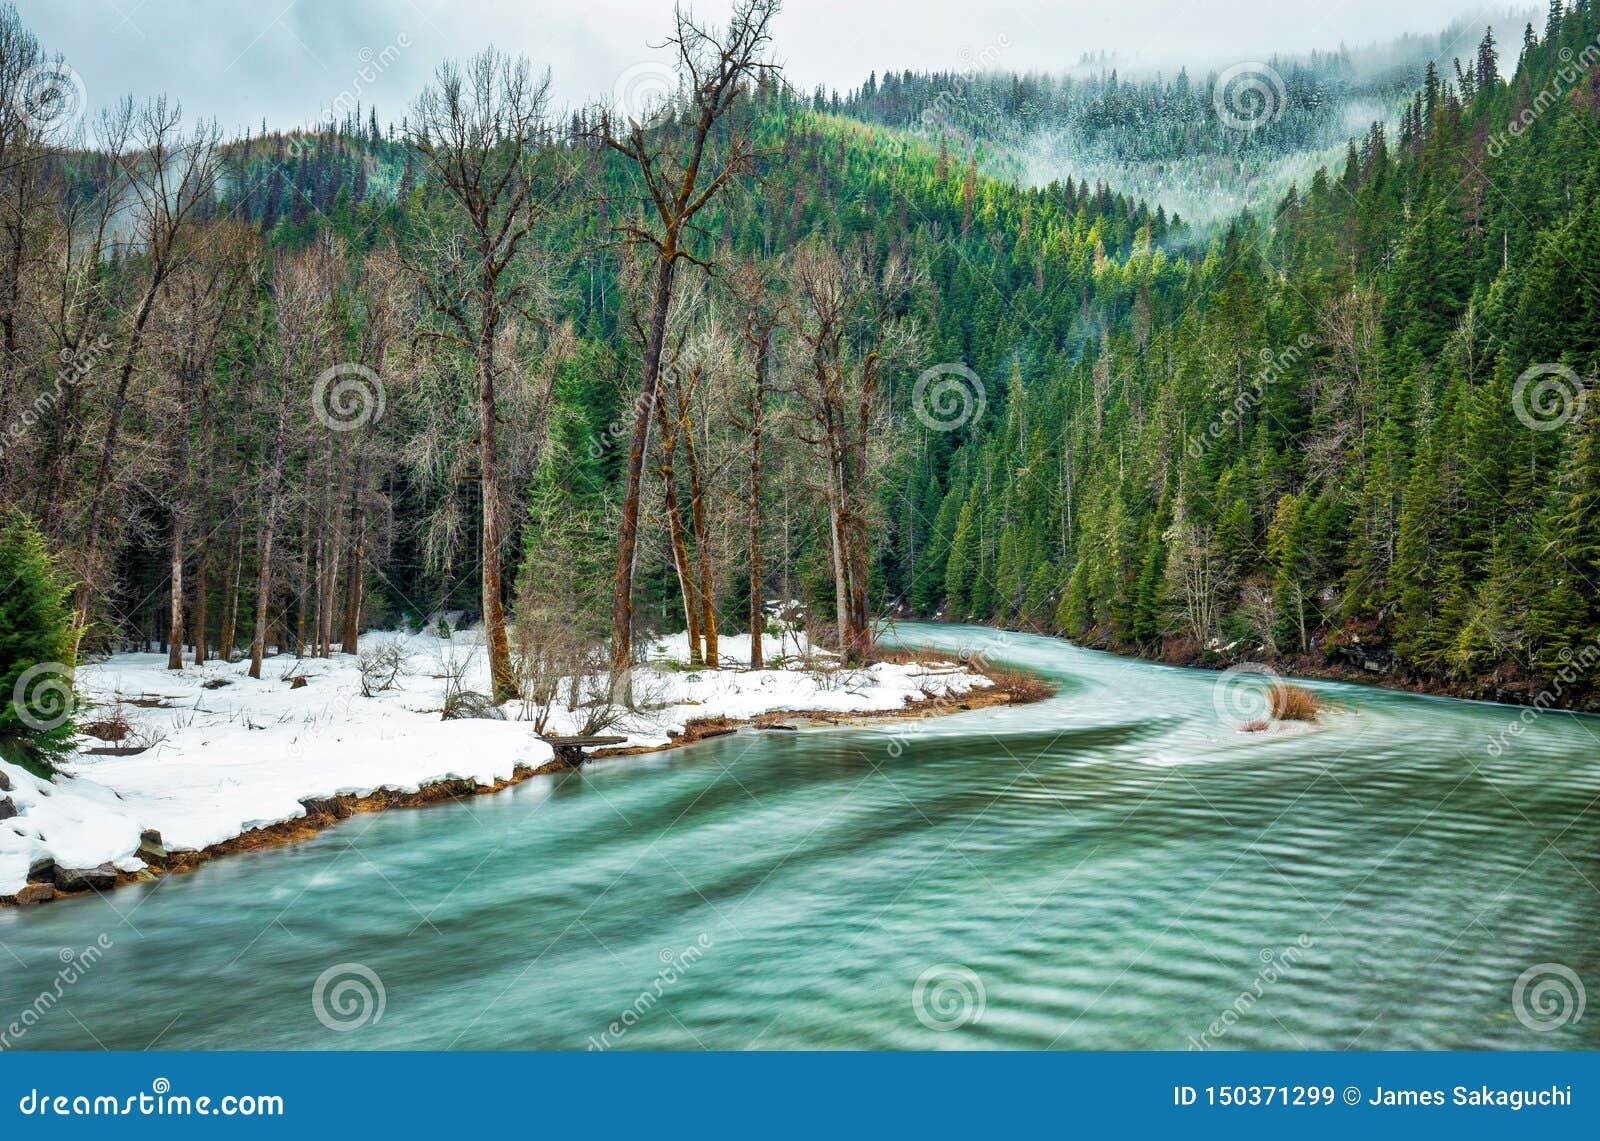 冬天继续前进和春天馅饼对出现在Coeur d'阿莱内河的河岸